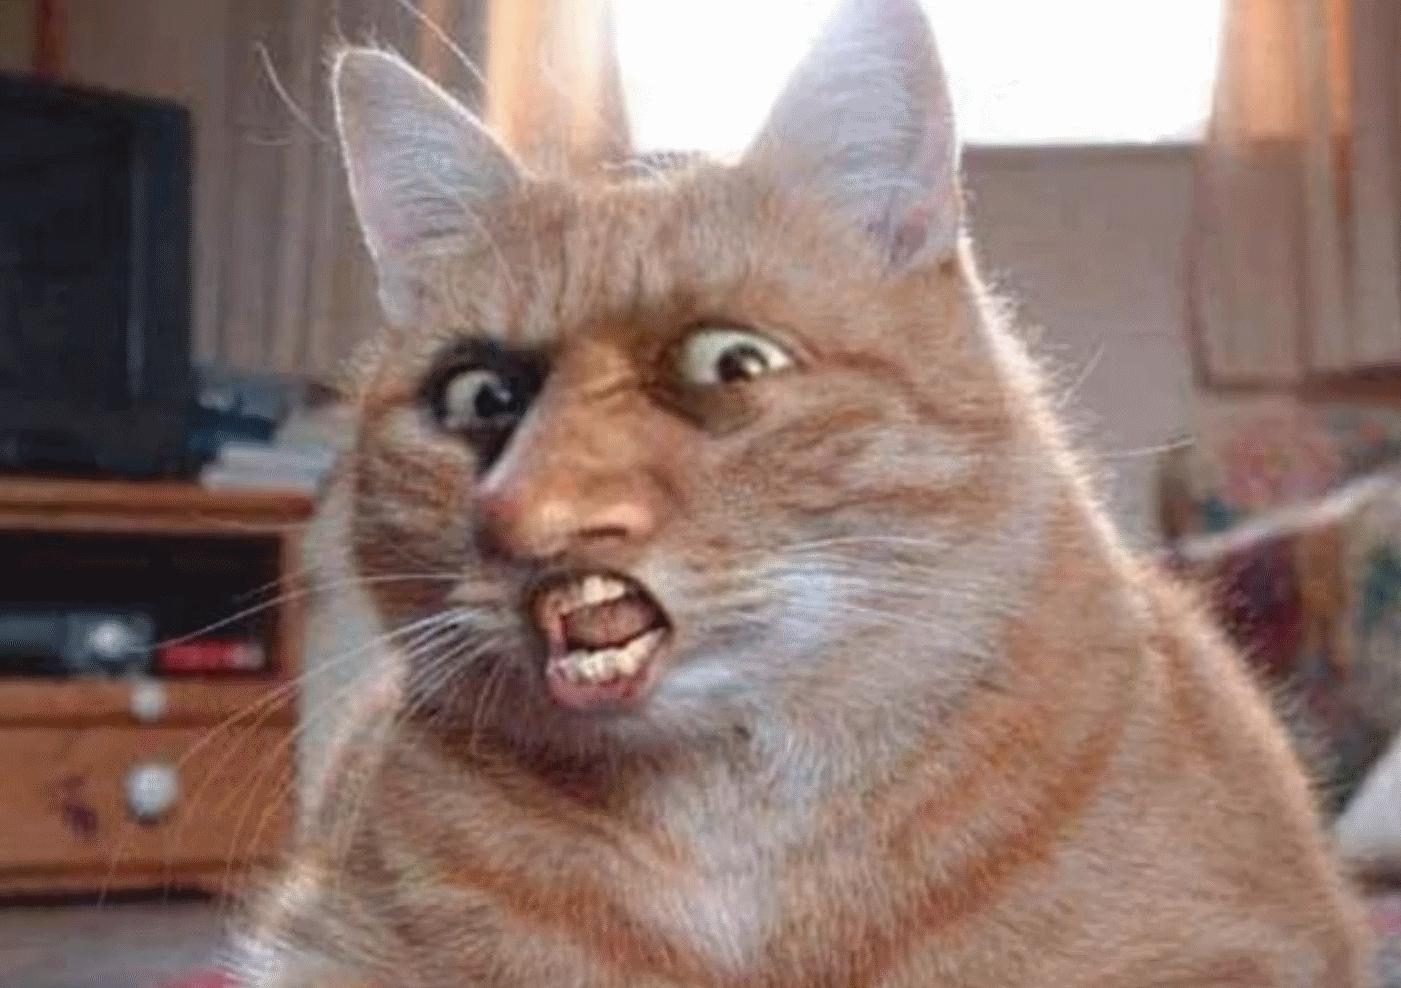 Human Cat Face